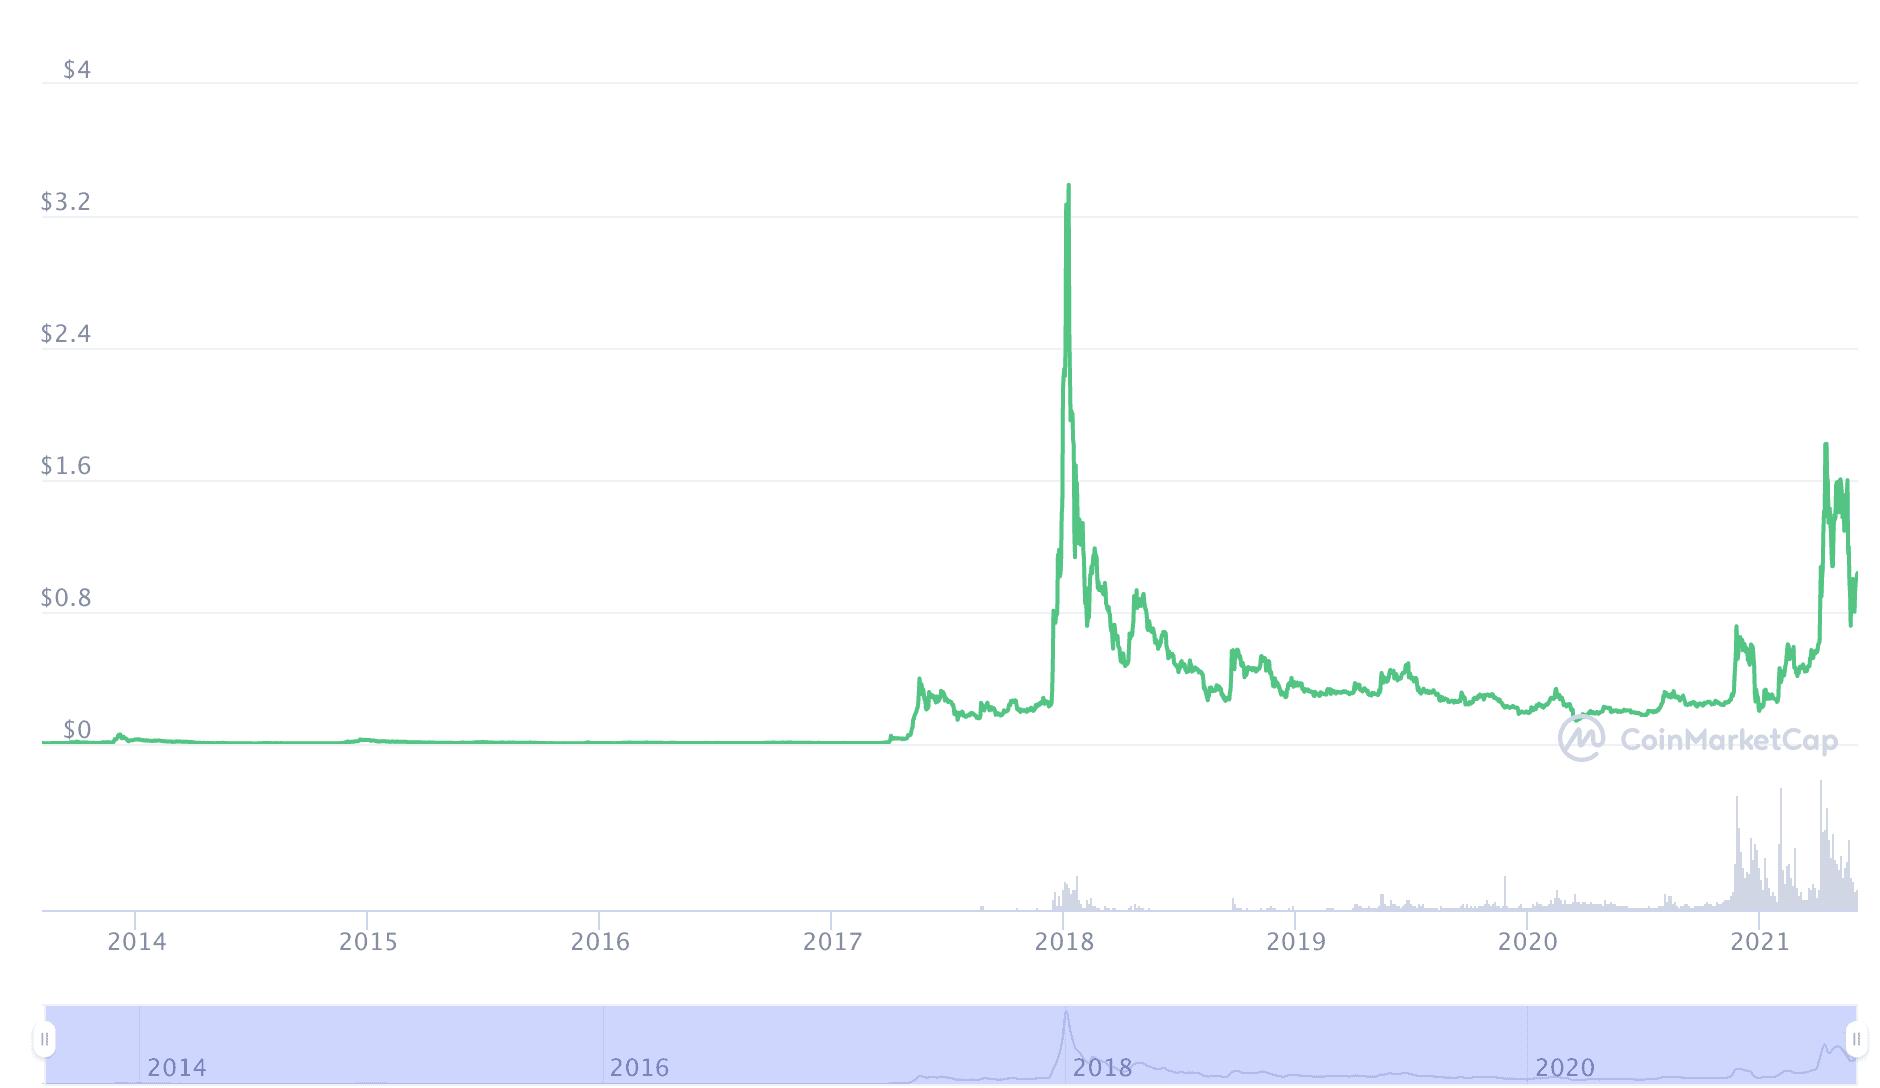 XRP Kurs aktuell bei etwas über einem US-Dollar